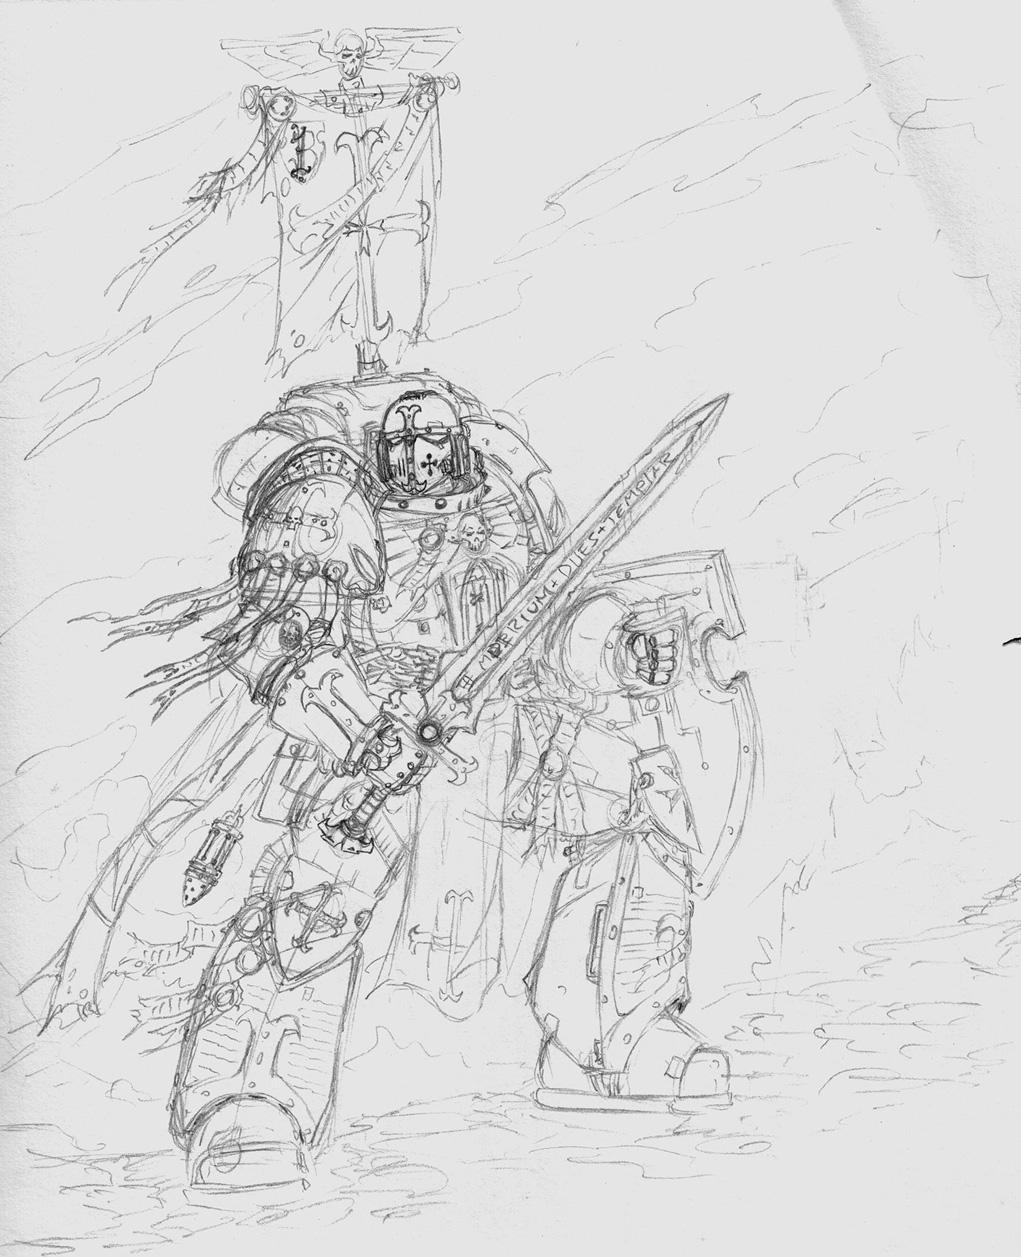 Clipart Sword Drill For Training Knight Templars